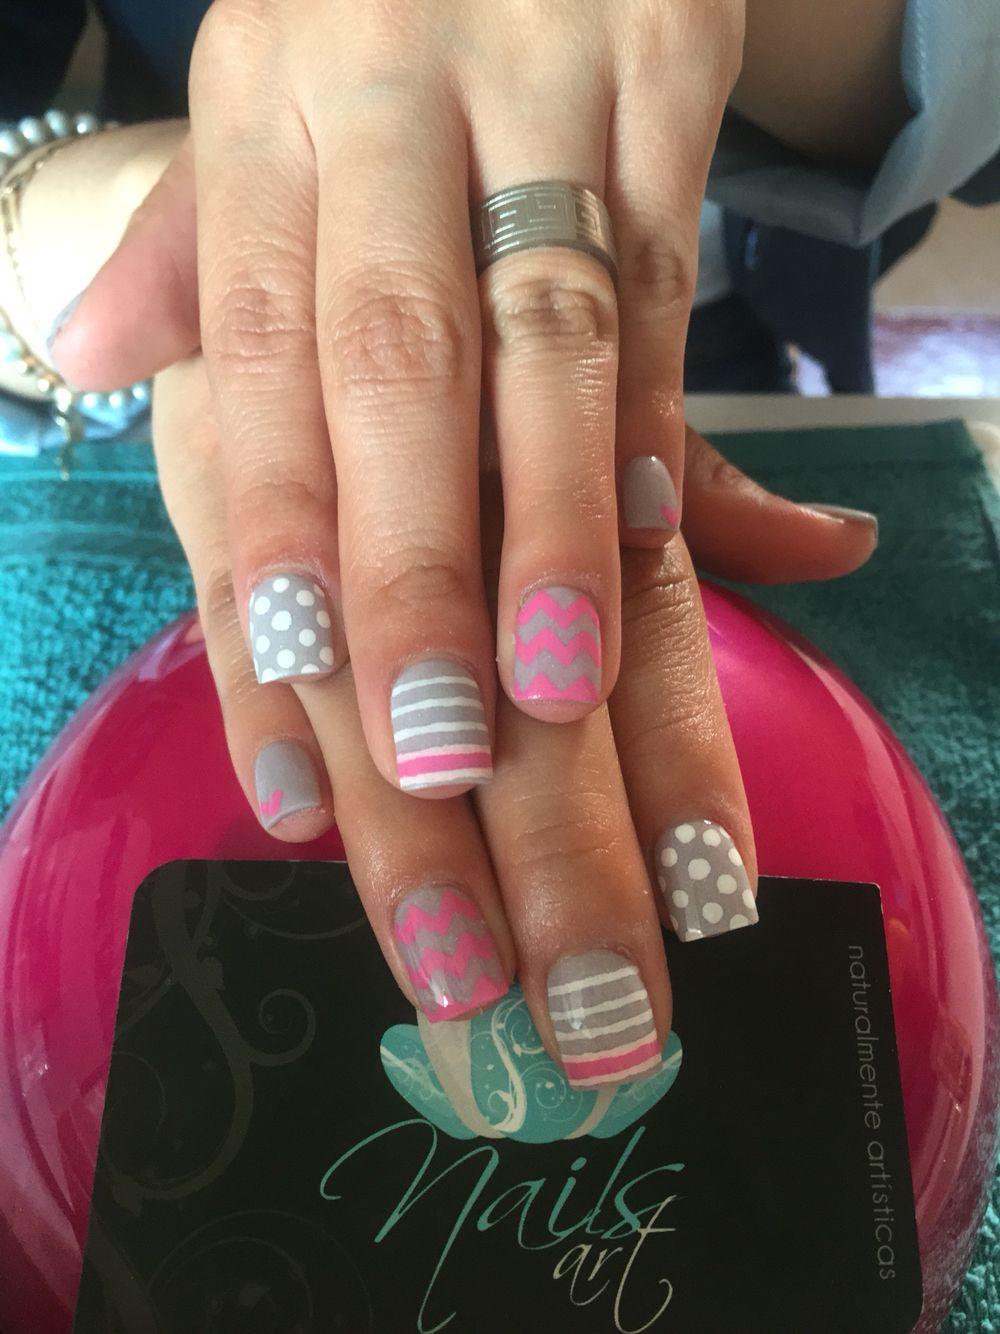 Acrylic nails nails art nails grey nails nails art pinterest